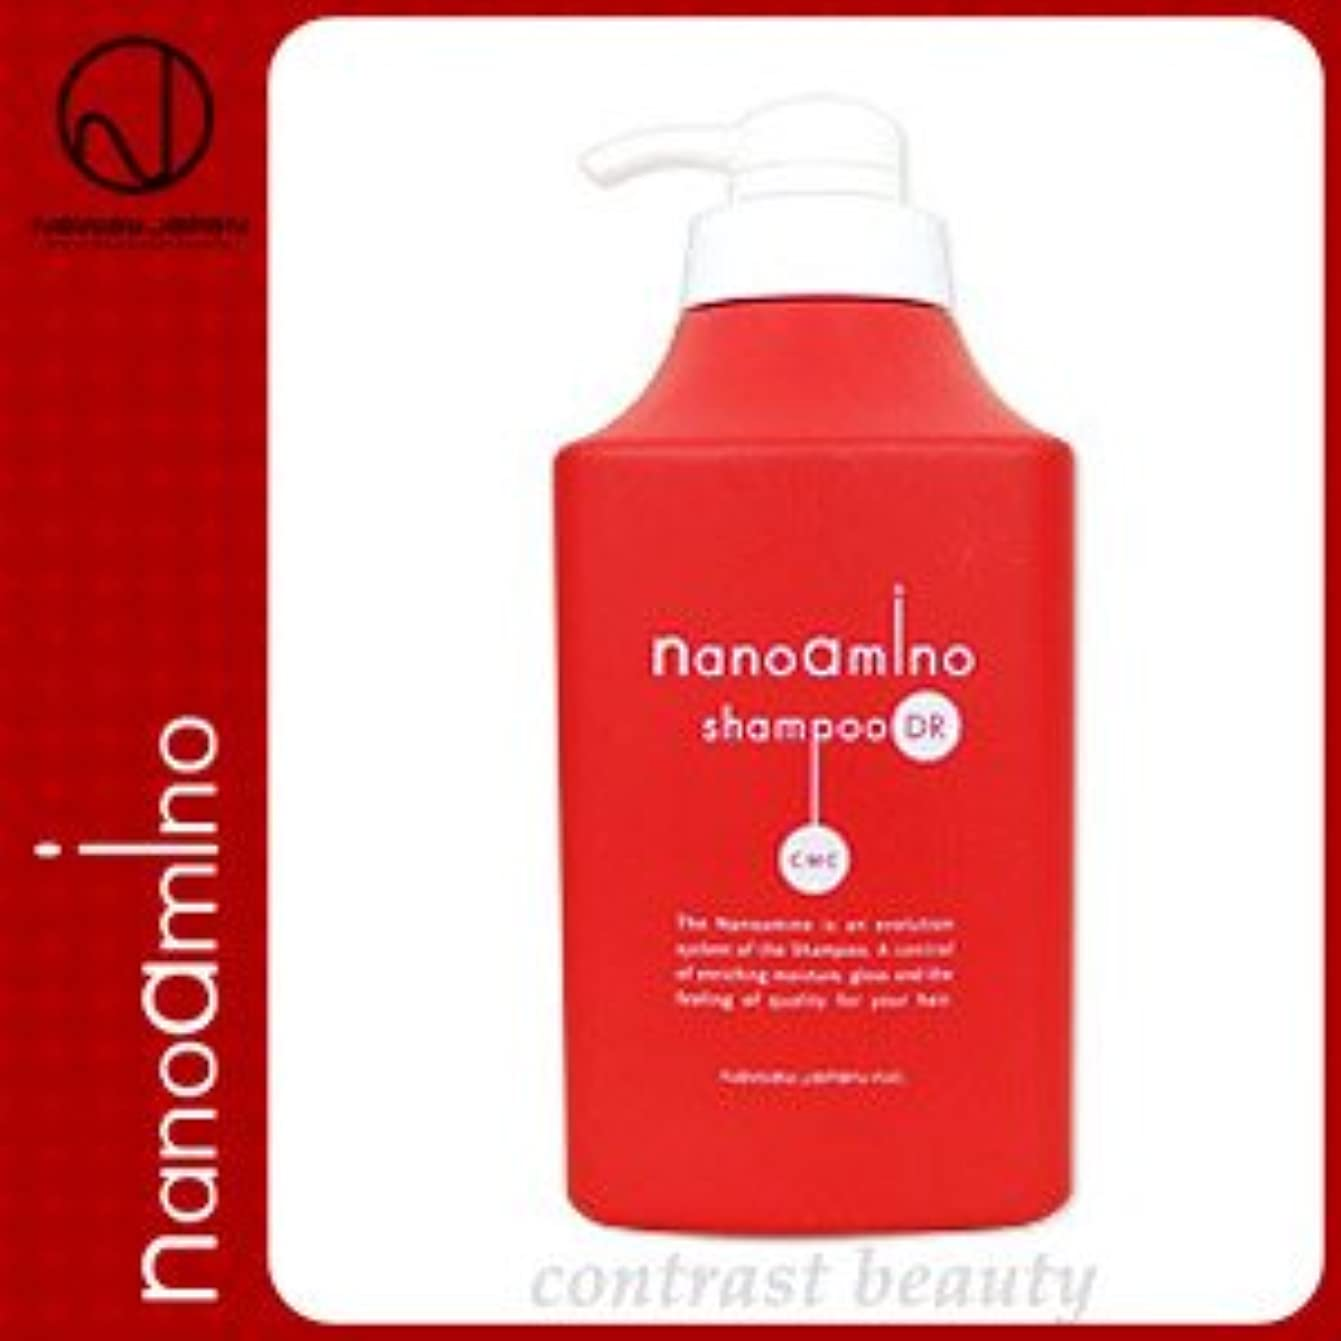 ご予約騒々しい細部【X2個セット】 ニューウェイジャパン/NEWAY JAPAN ナノアミノ シャンプー DR 1000ml ポンプ付き容器入り